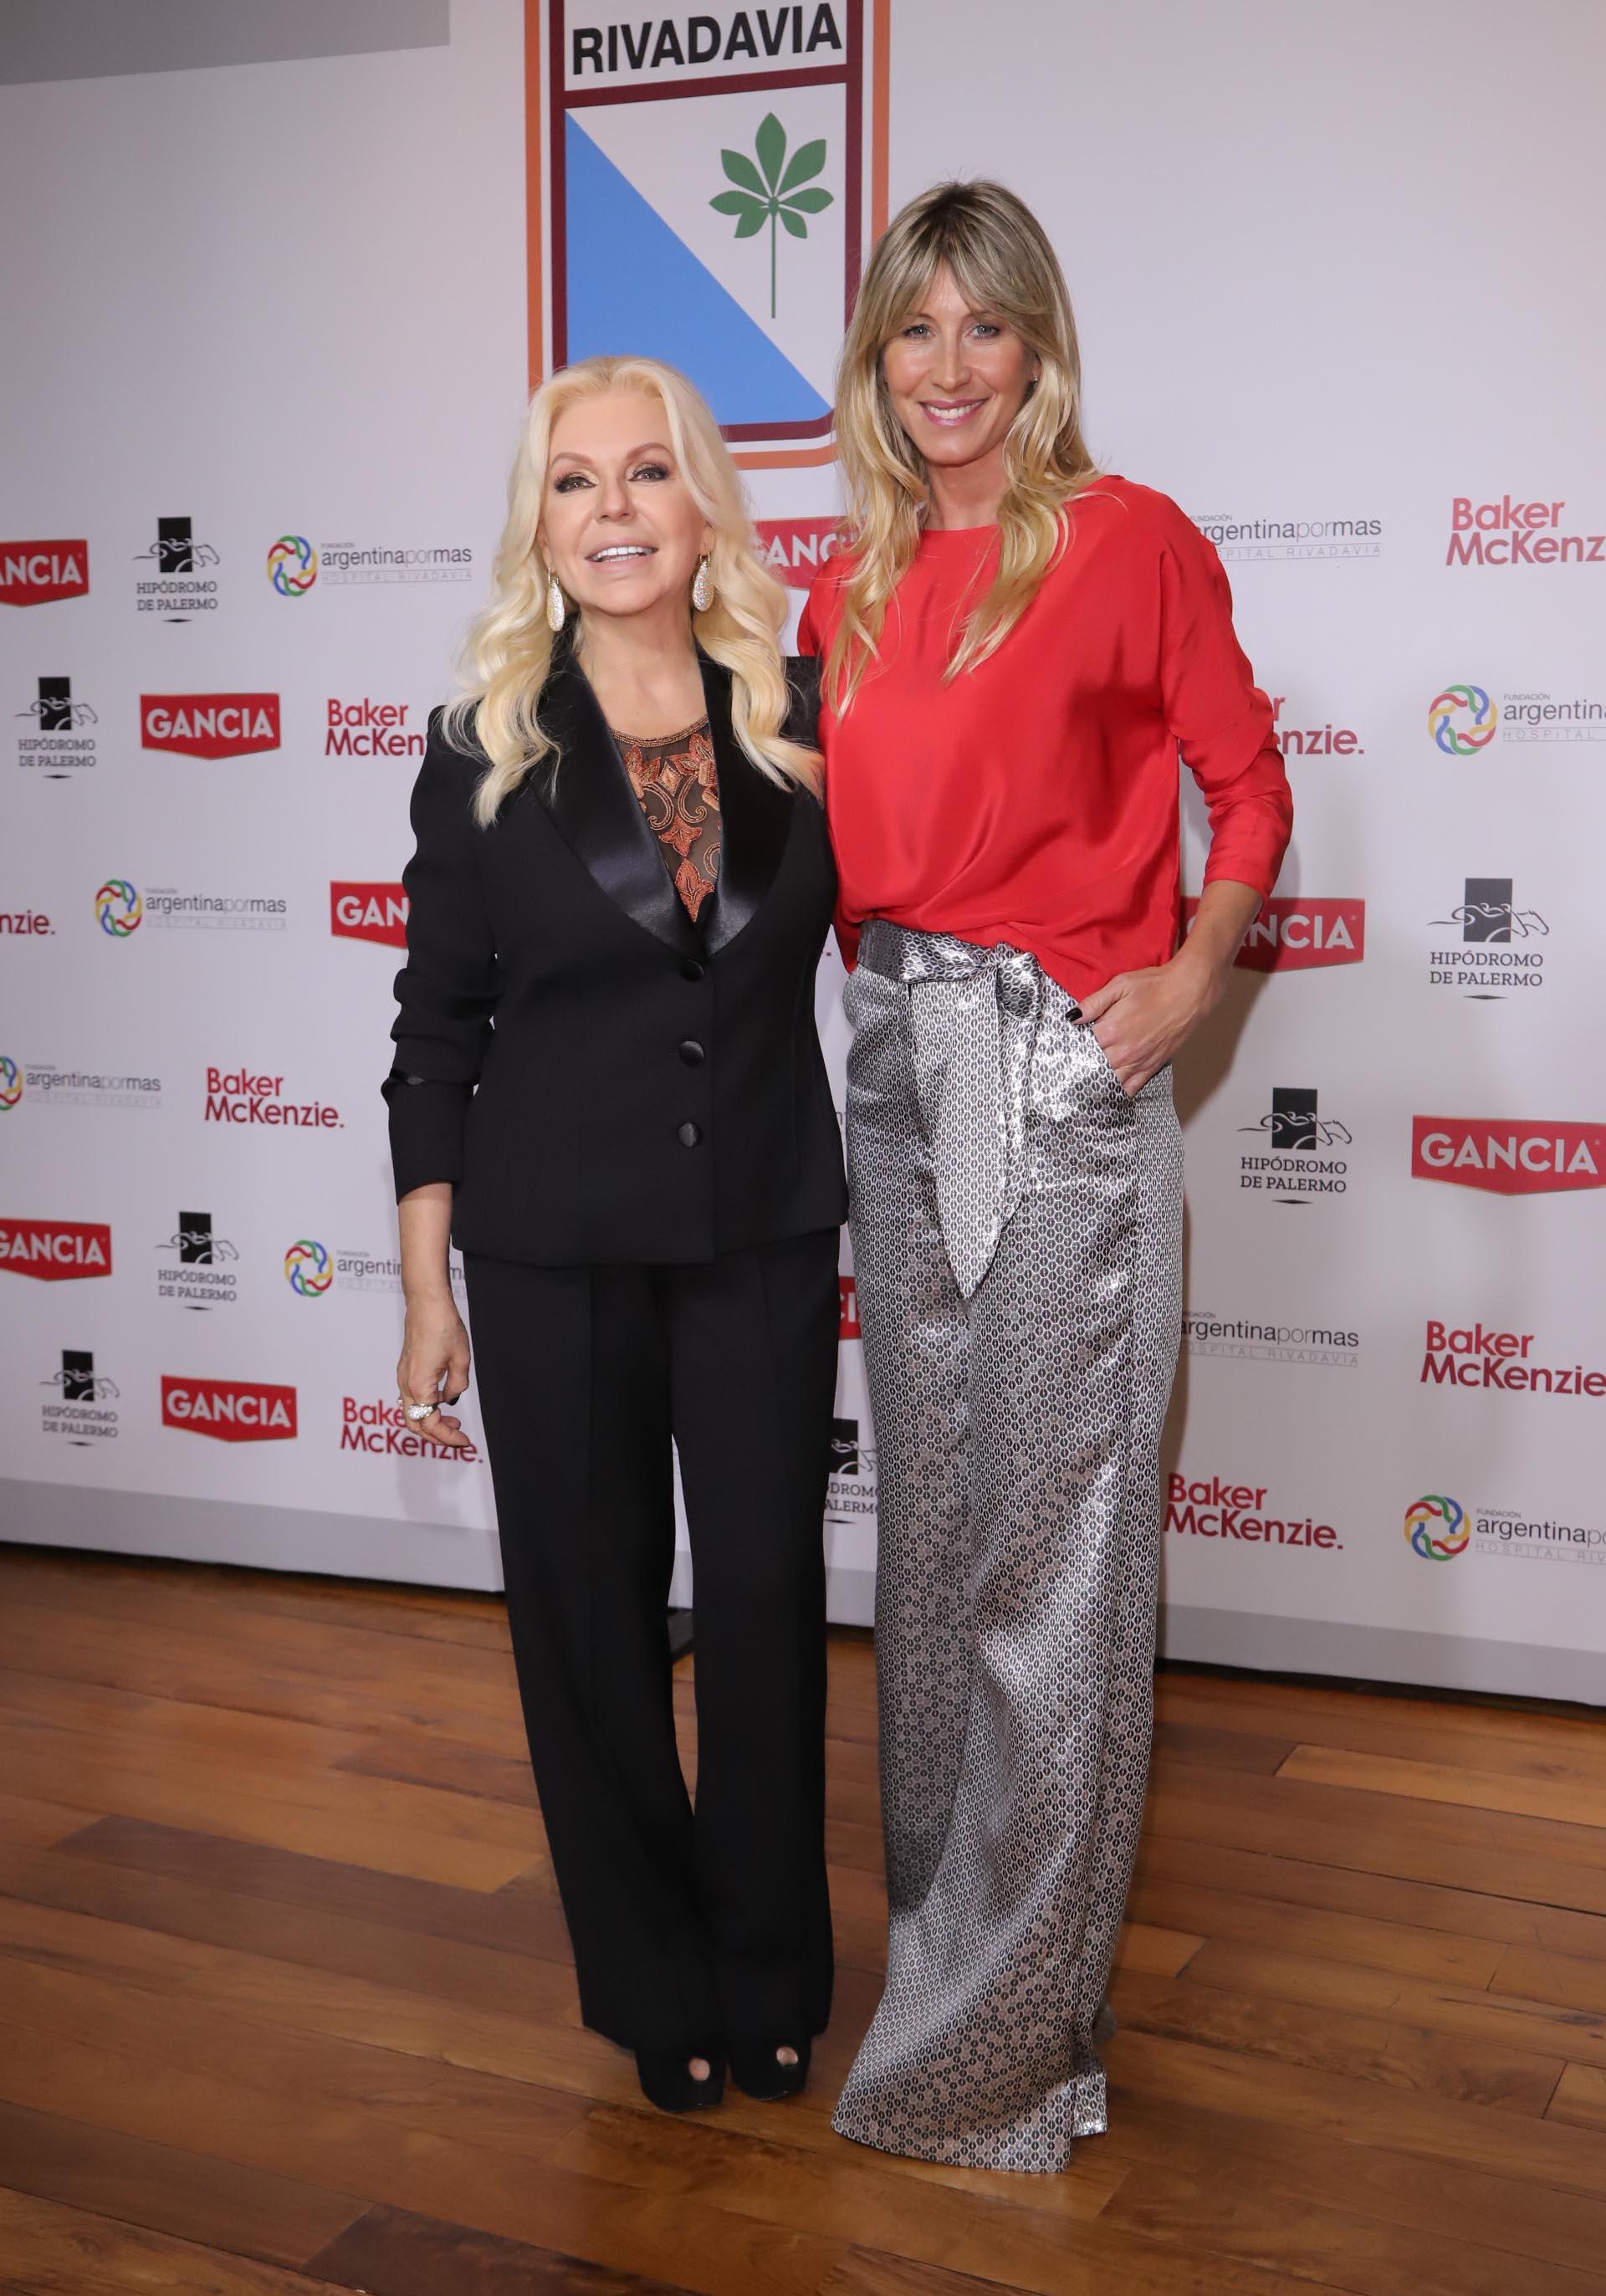 La presidente de la Fundación Argentina Por Más, Diana Chugri, junto a una de las invitadas al té – desfile, Soledad Solaro